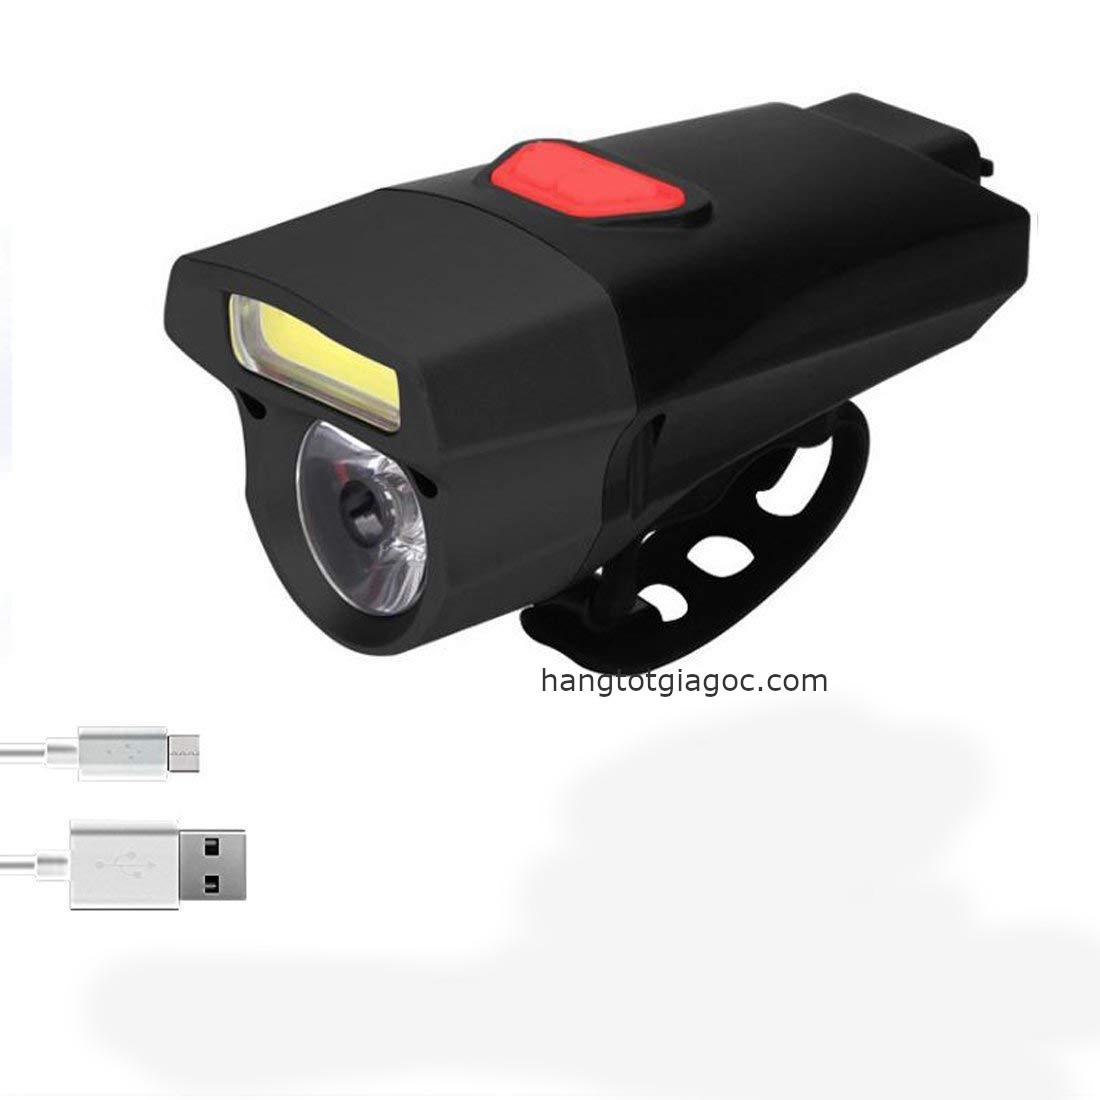 Đèn xe đạp siêu sáng cao cấp, pin Lithium, sạc USB – DX03